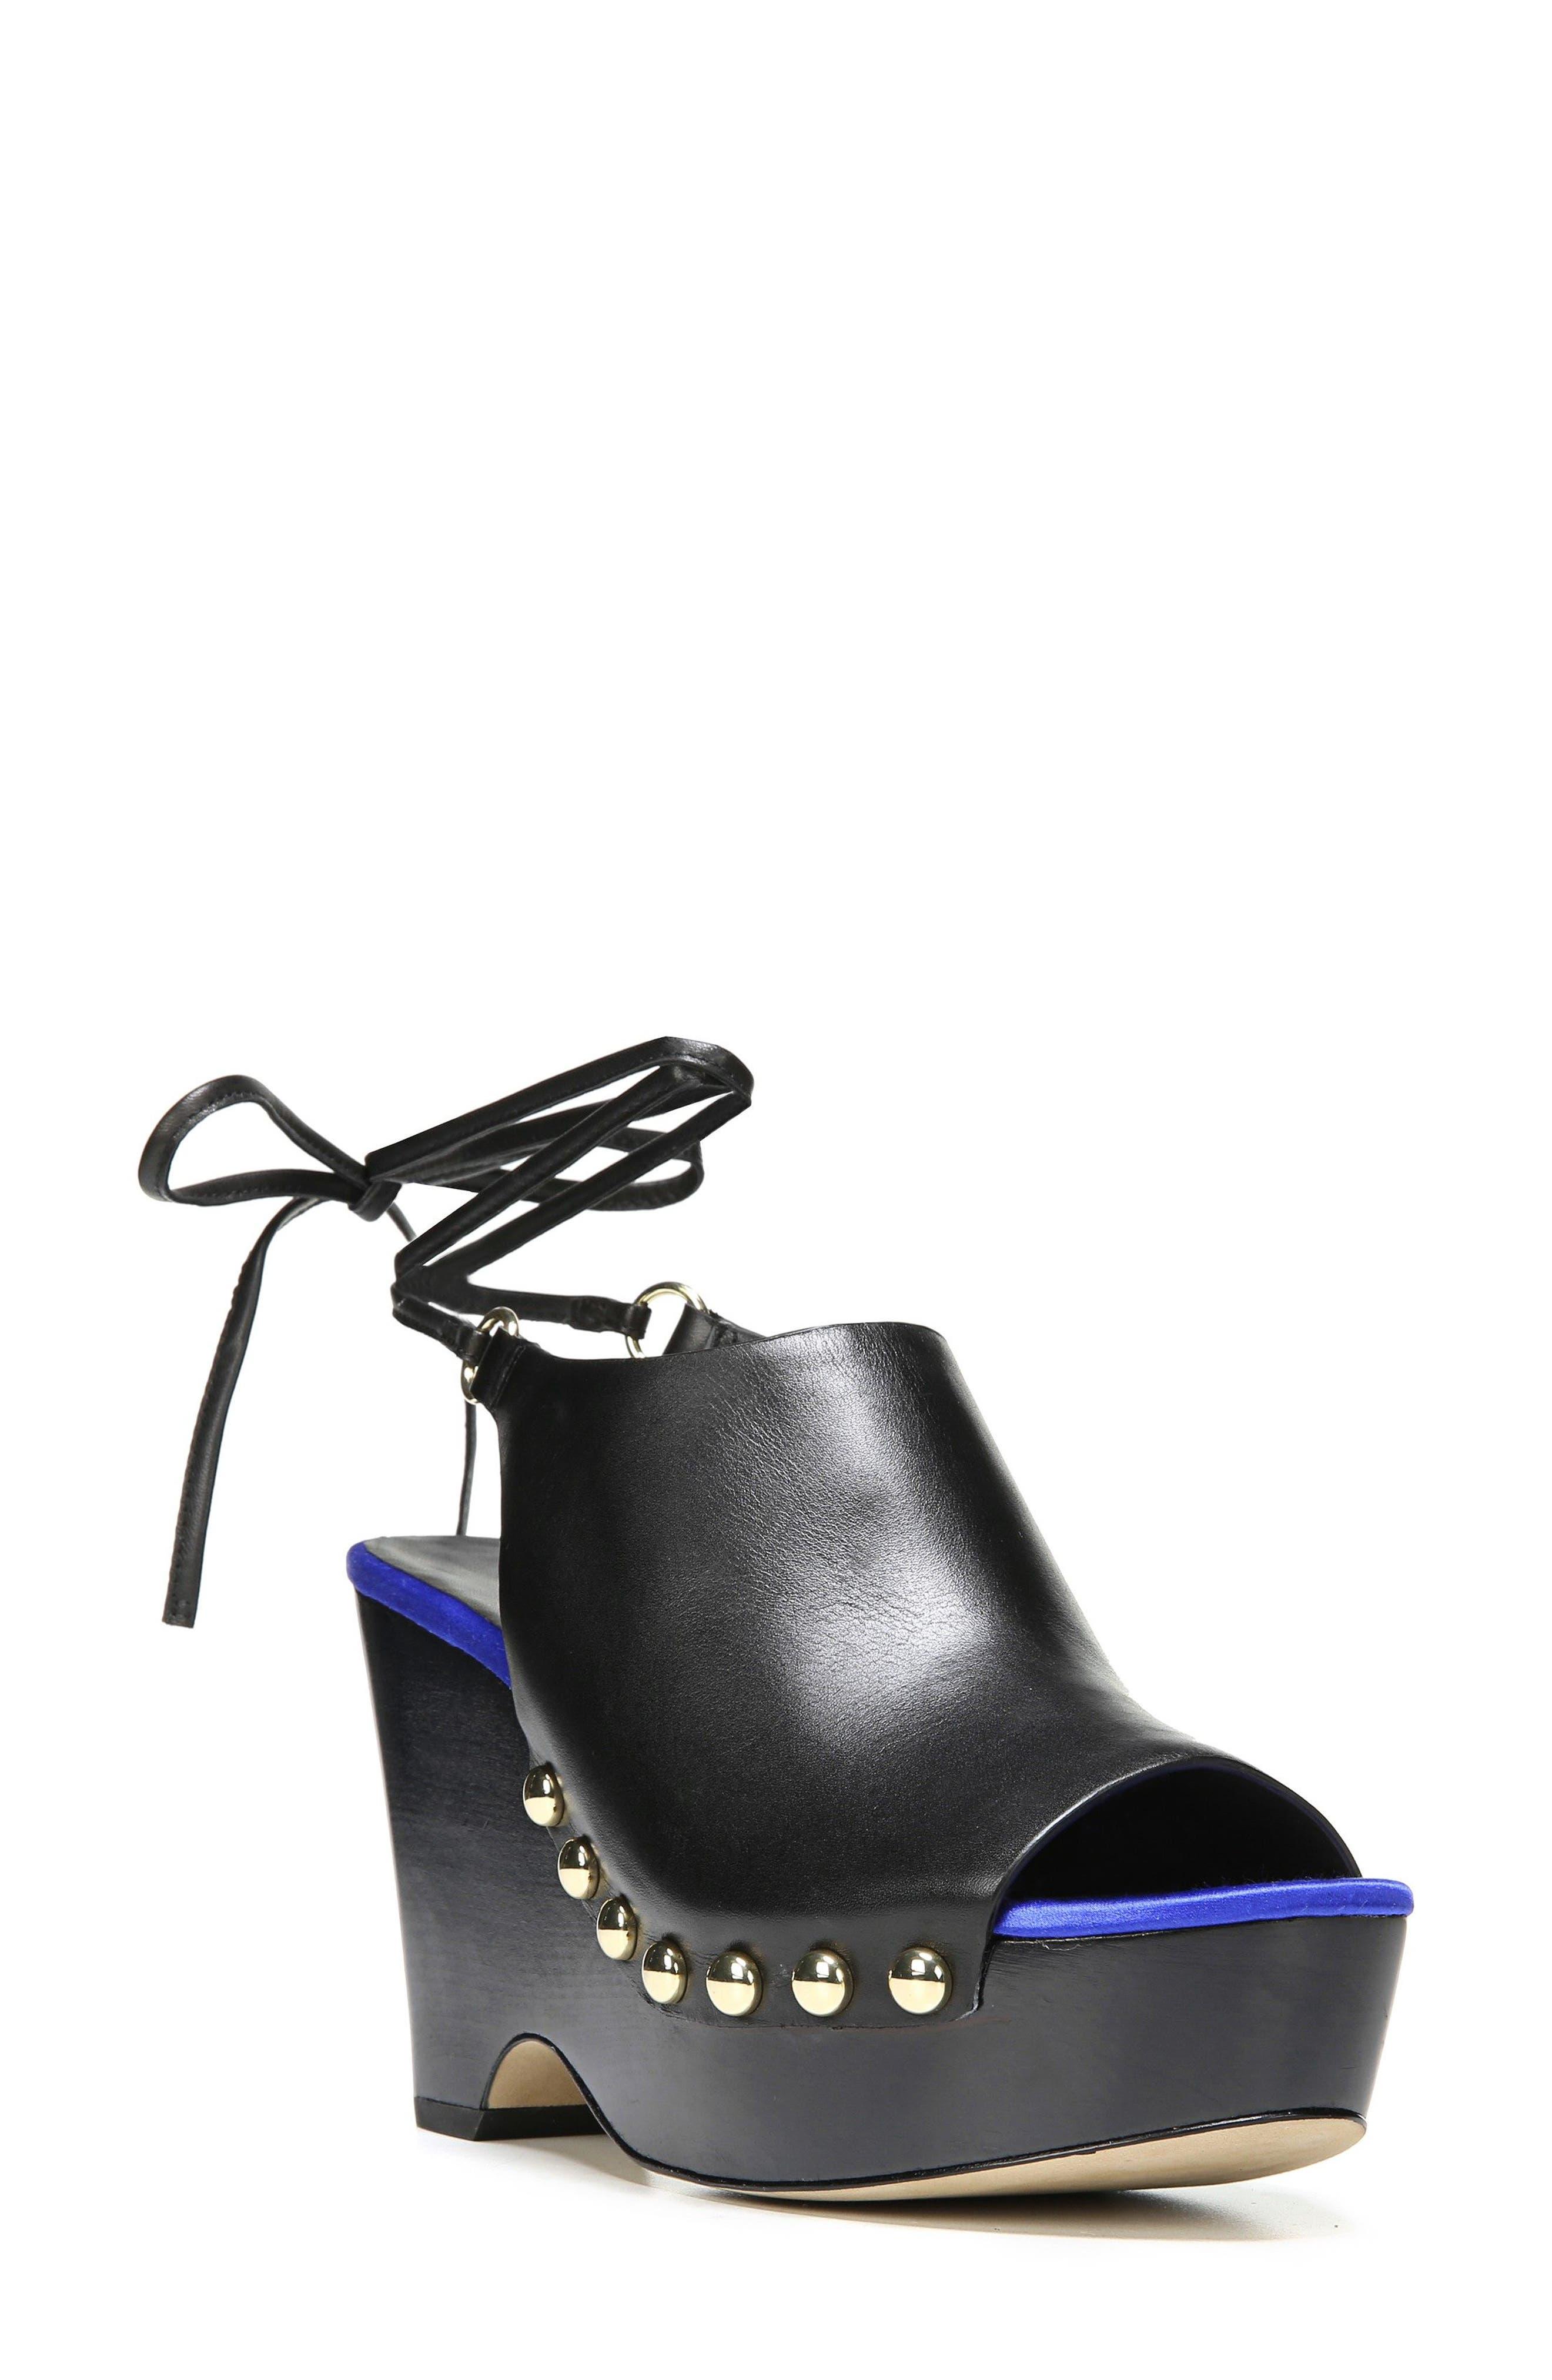 Alternate Image 1 Selected - Diane Von Furstenberg Bali Wedge Sandal (Women)